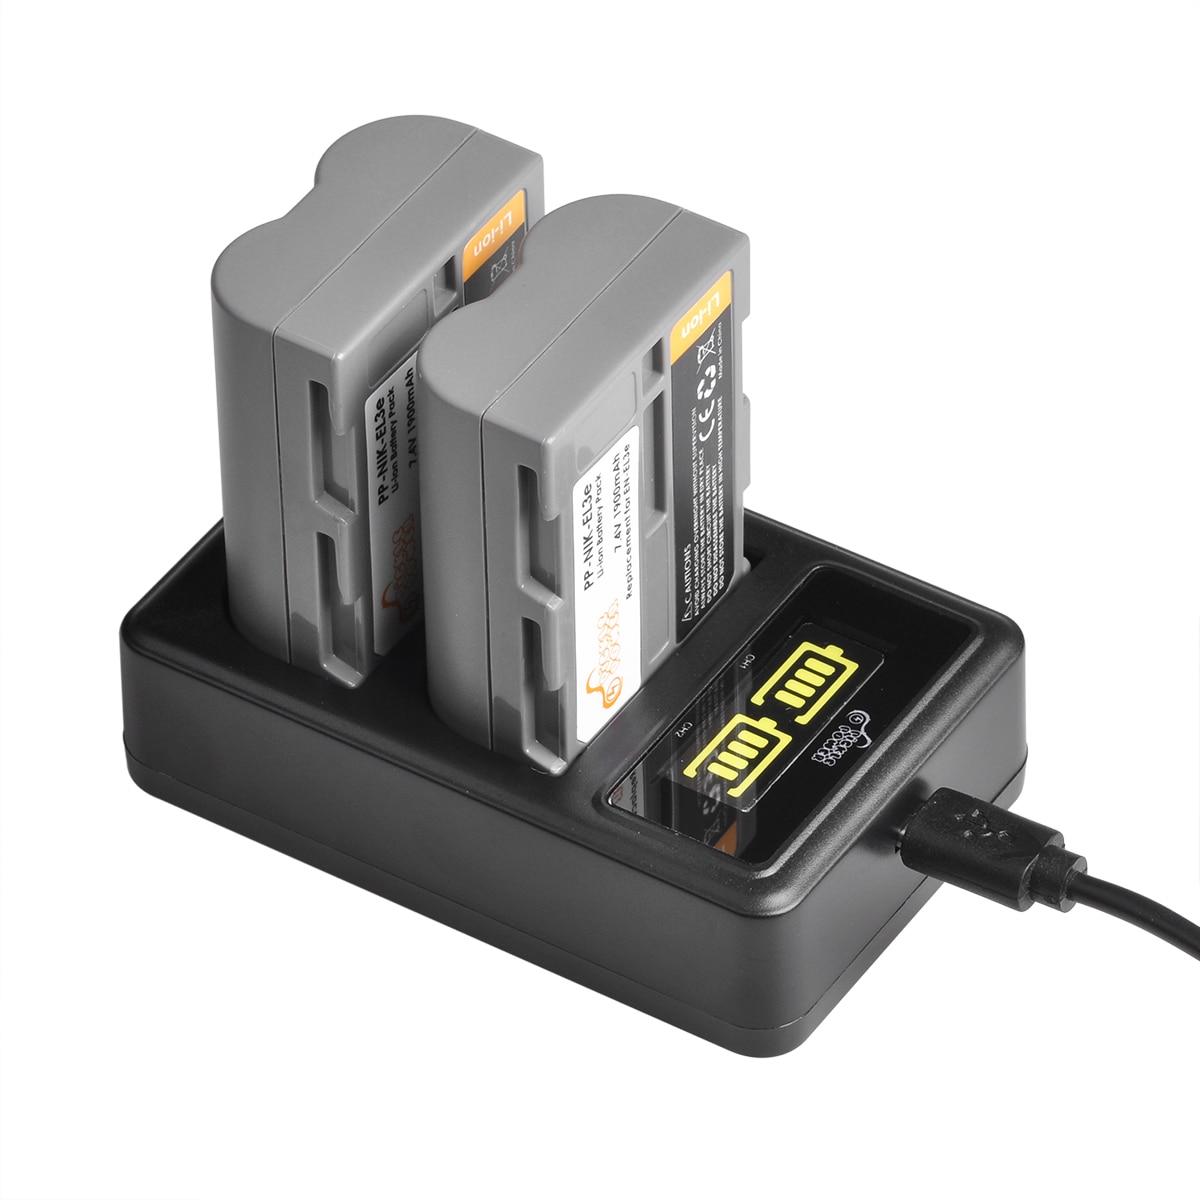 1900mAh EN-EL3E EN EL3e batterie + LED double chargeur pour Nikon D50, D70, D70s, D80, D90, D100, D200, D300, D300S, D700